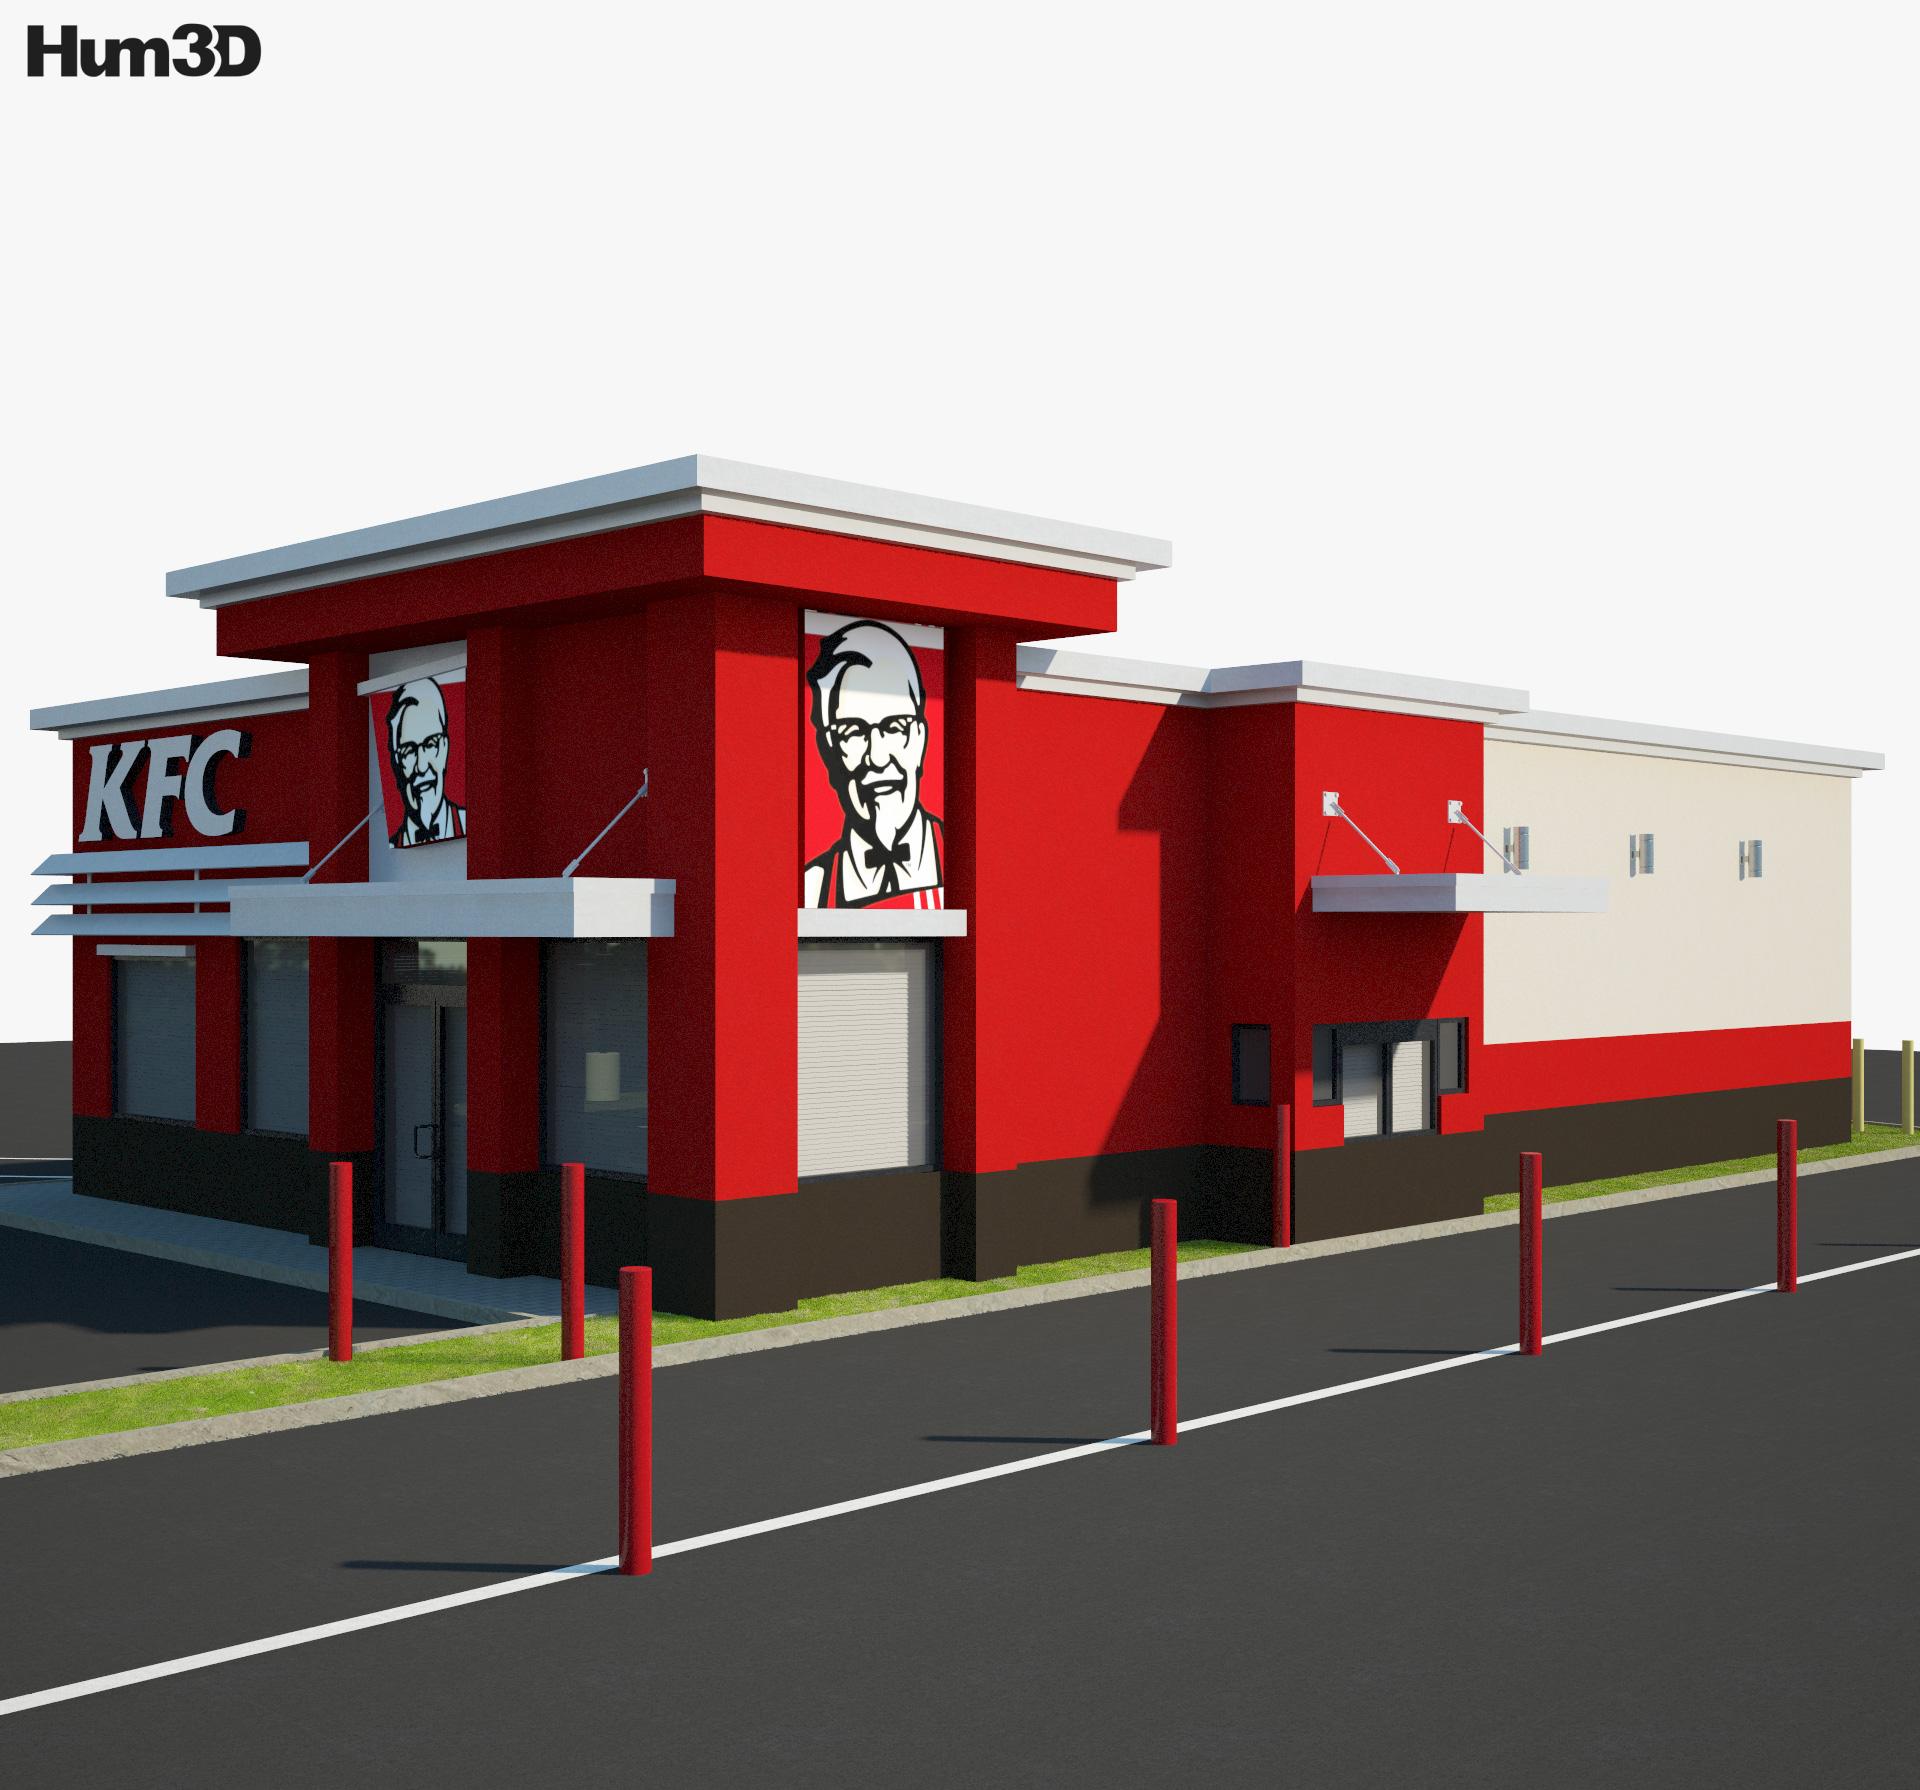 KFC Restaurant 03 3d model